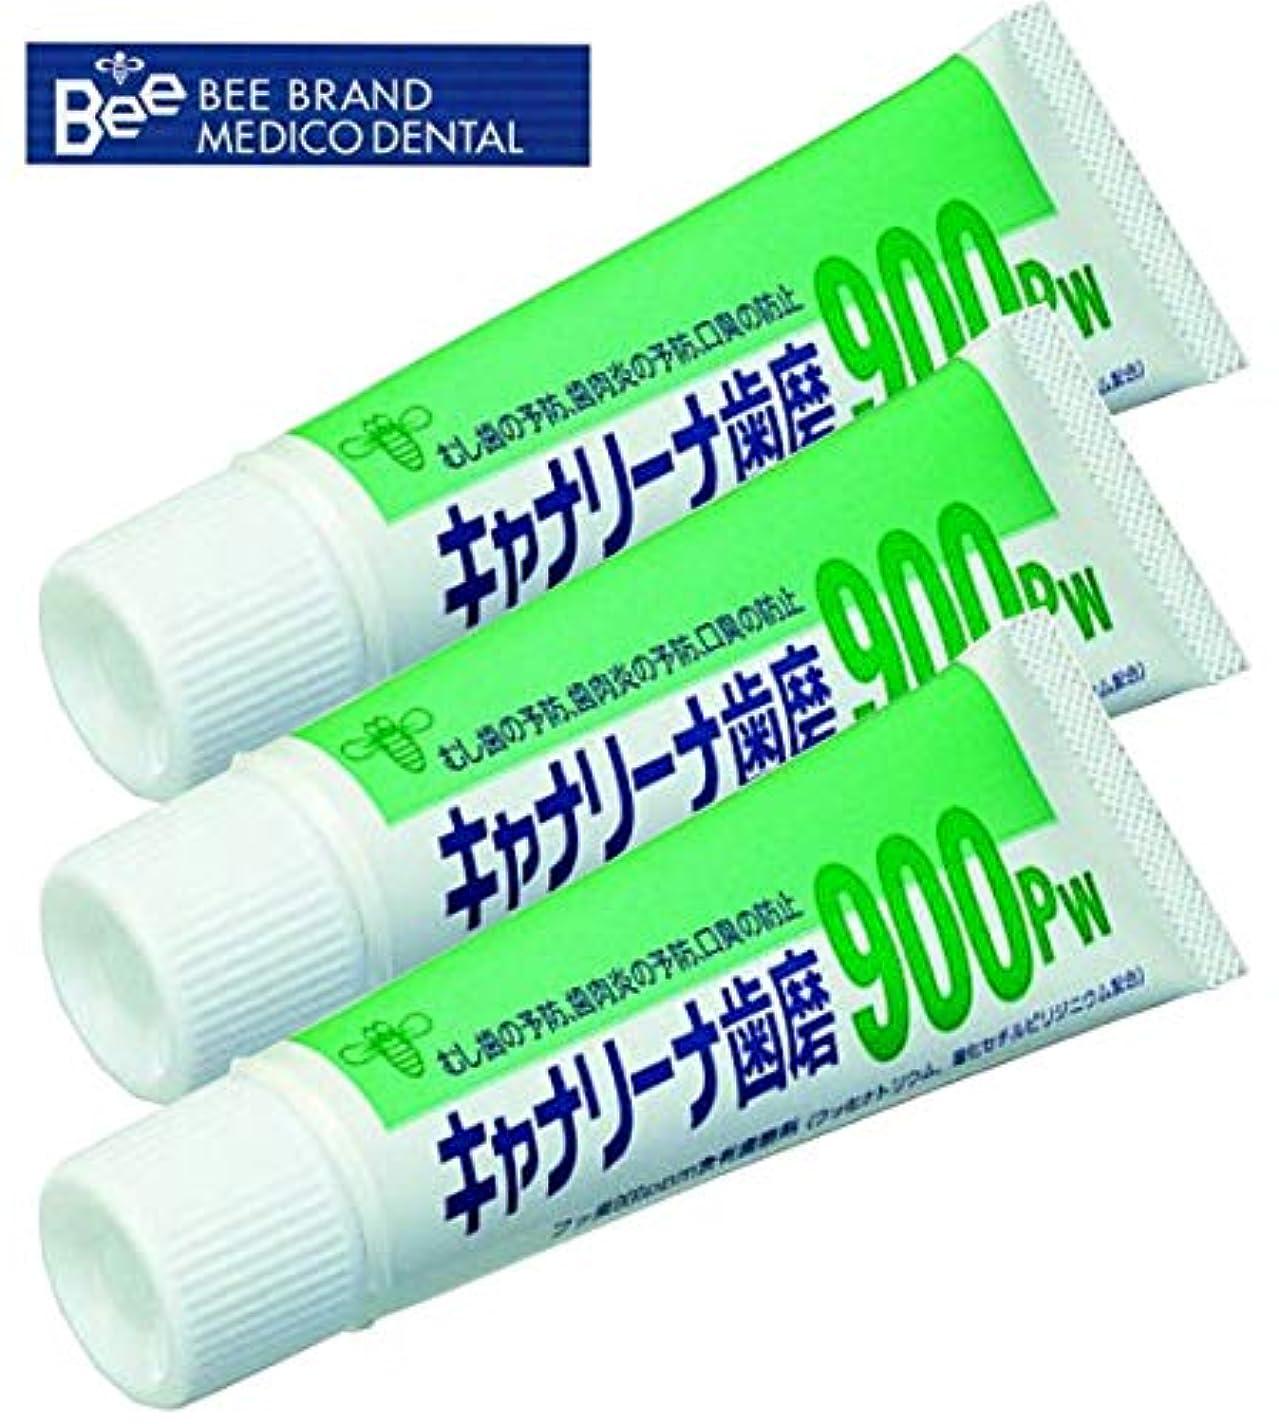 キャッシュアルファベット順歴史的ビーブランド(BeeBrand) キャナリーナ 歯磨 900Pw × 3本セット 医薬部外品